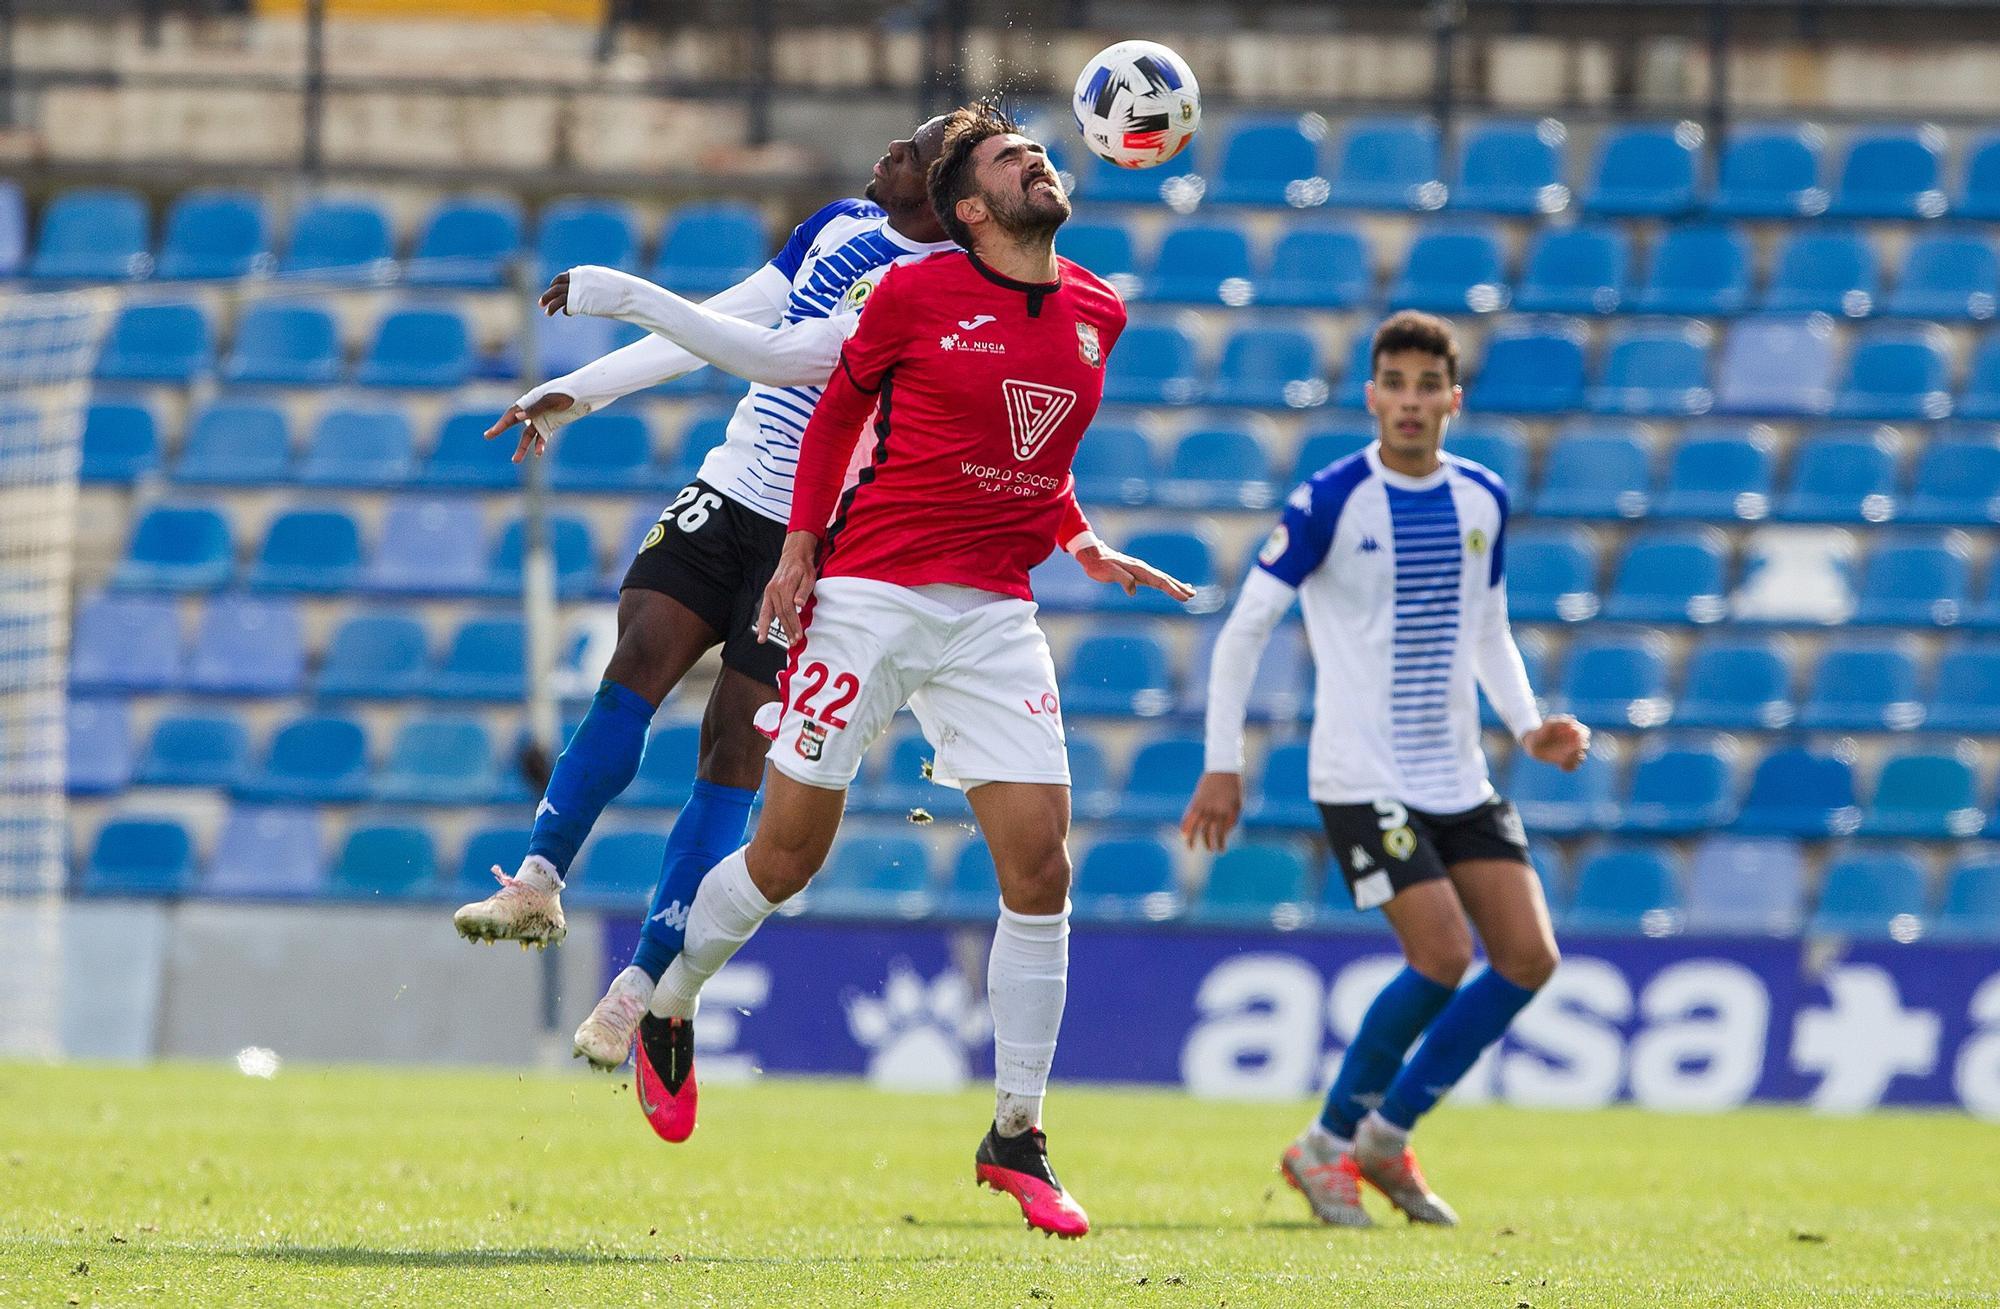 El Hércules vence a La Nucía por 3-1